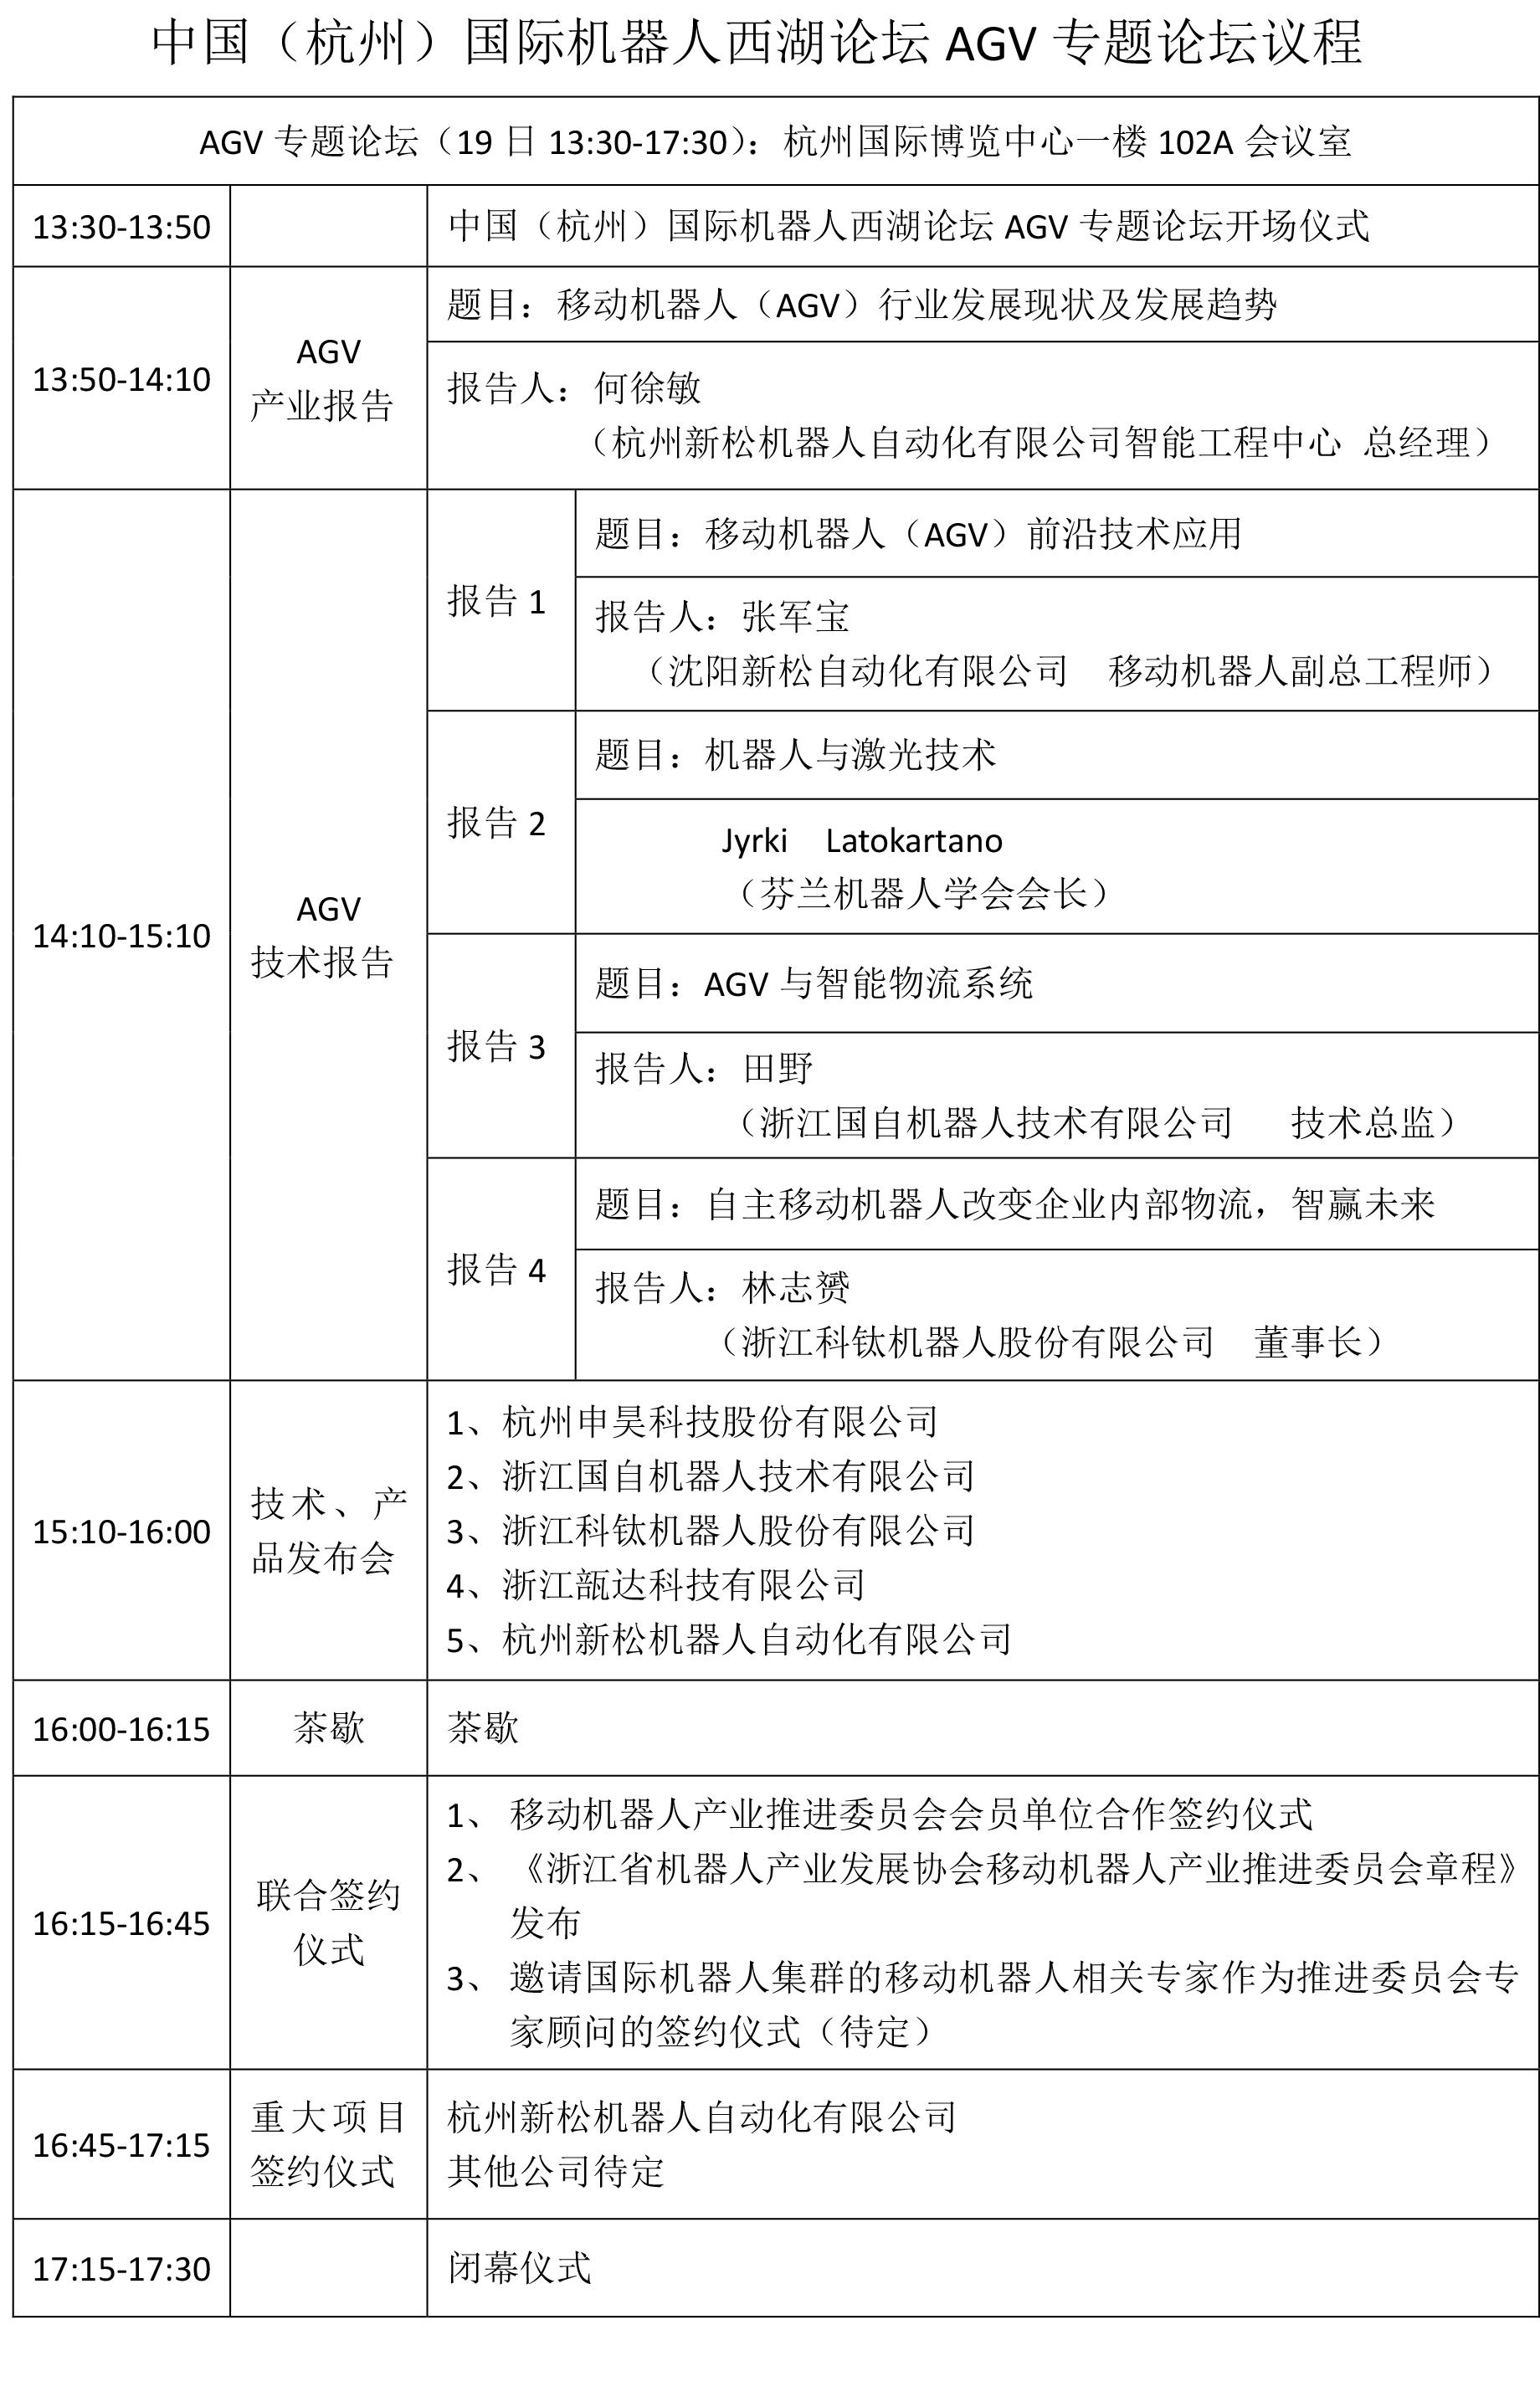 AGV专题论坛议程